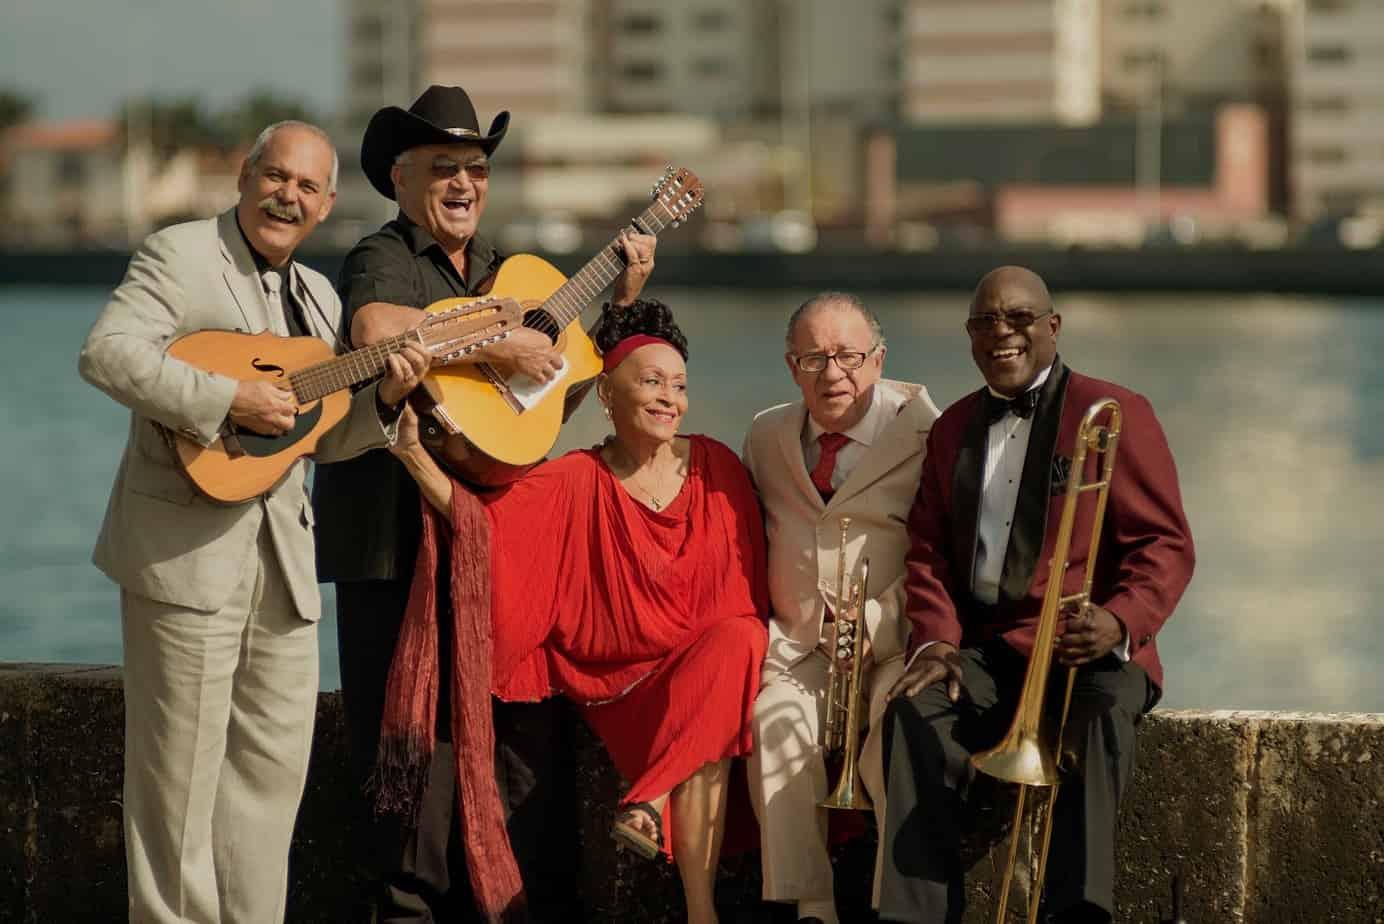 Grandes de la música cubana: Buena Vista Social Club